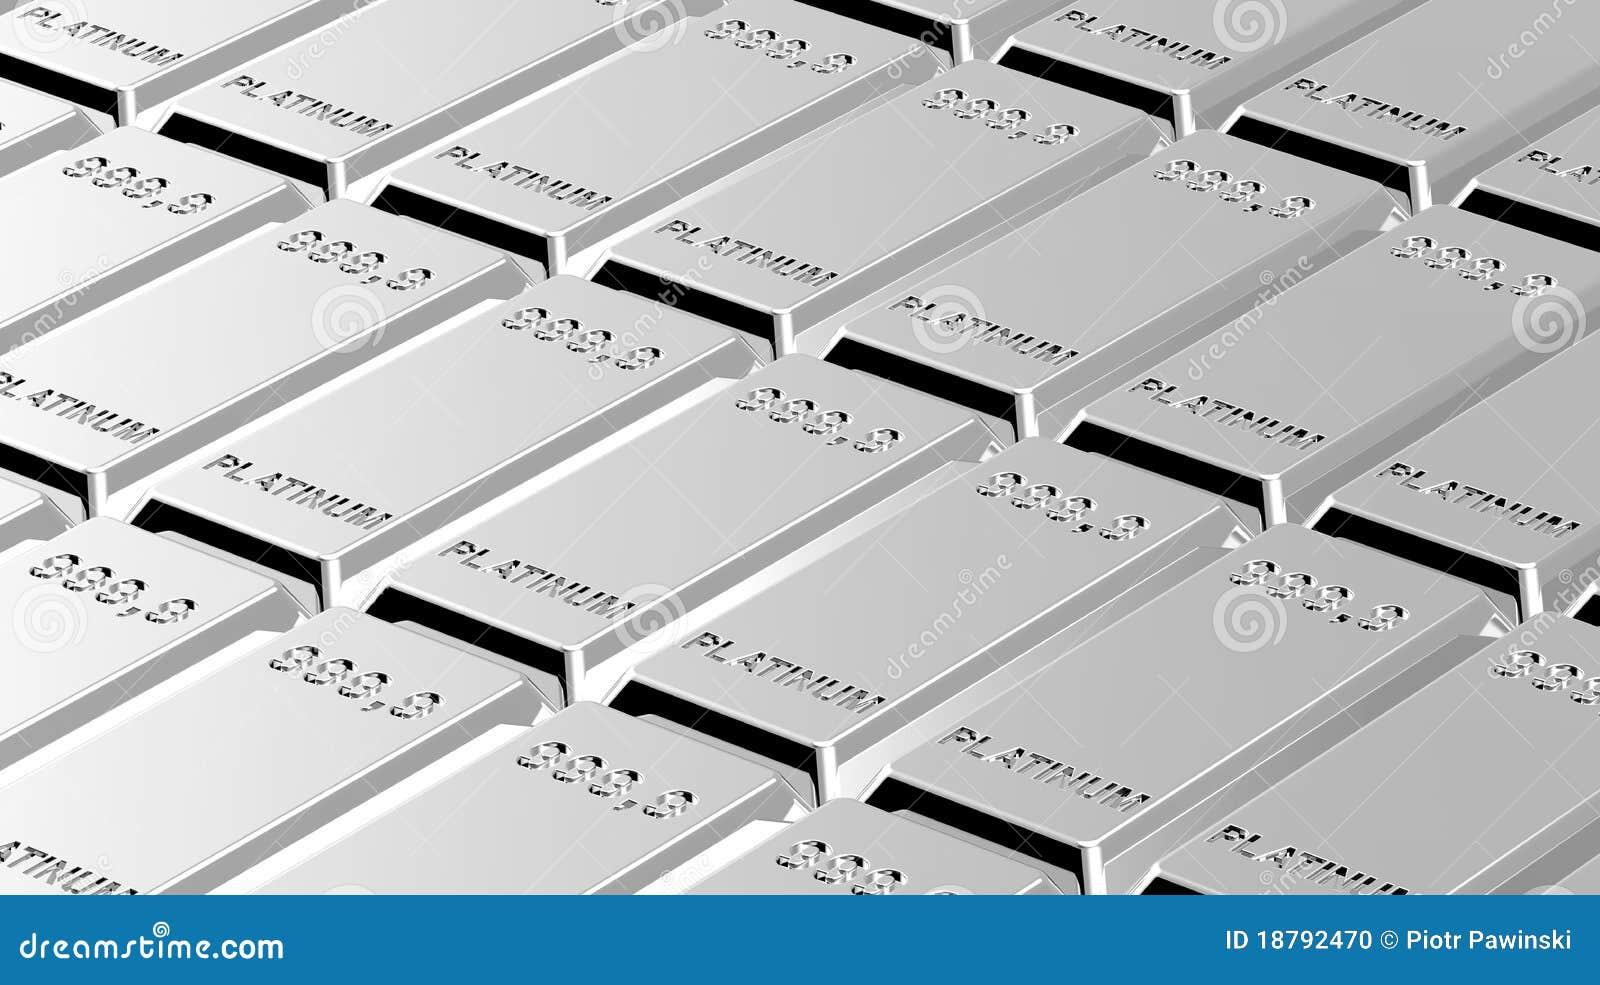 Platinum Ingots Background. Stock Photo - Image: 18792470